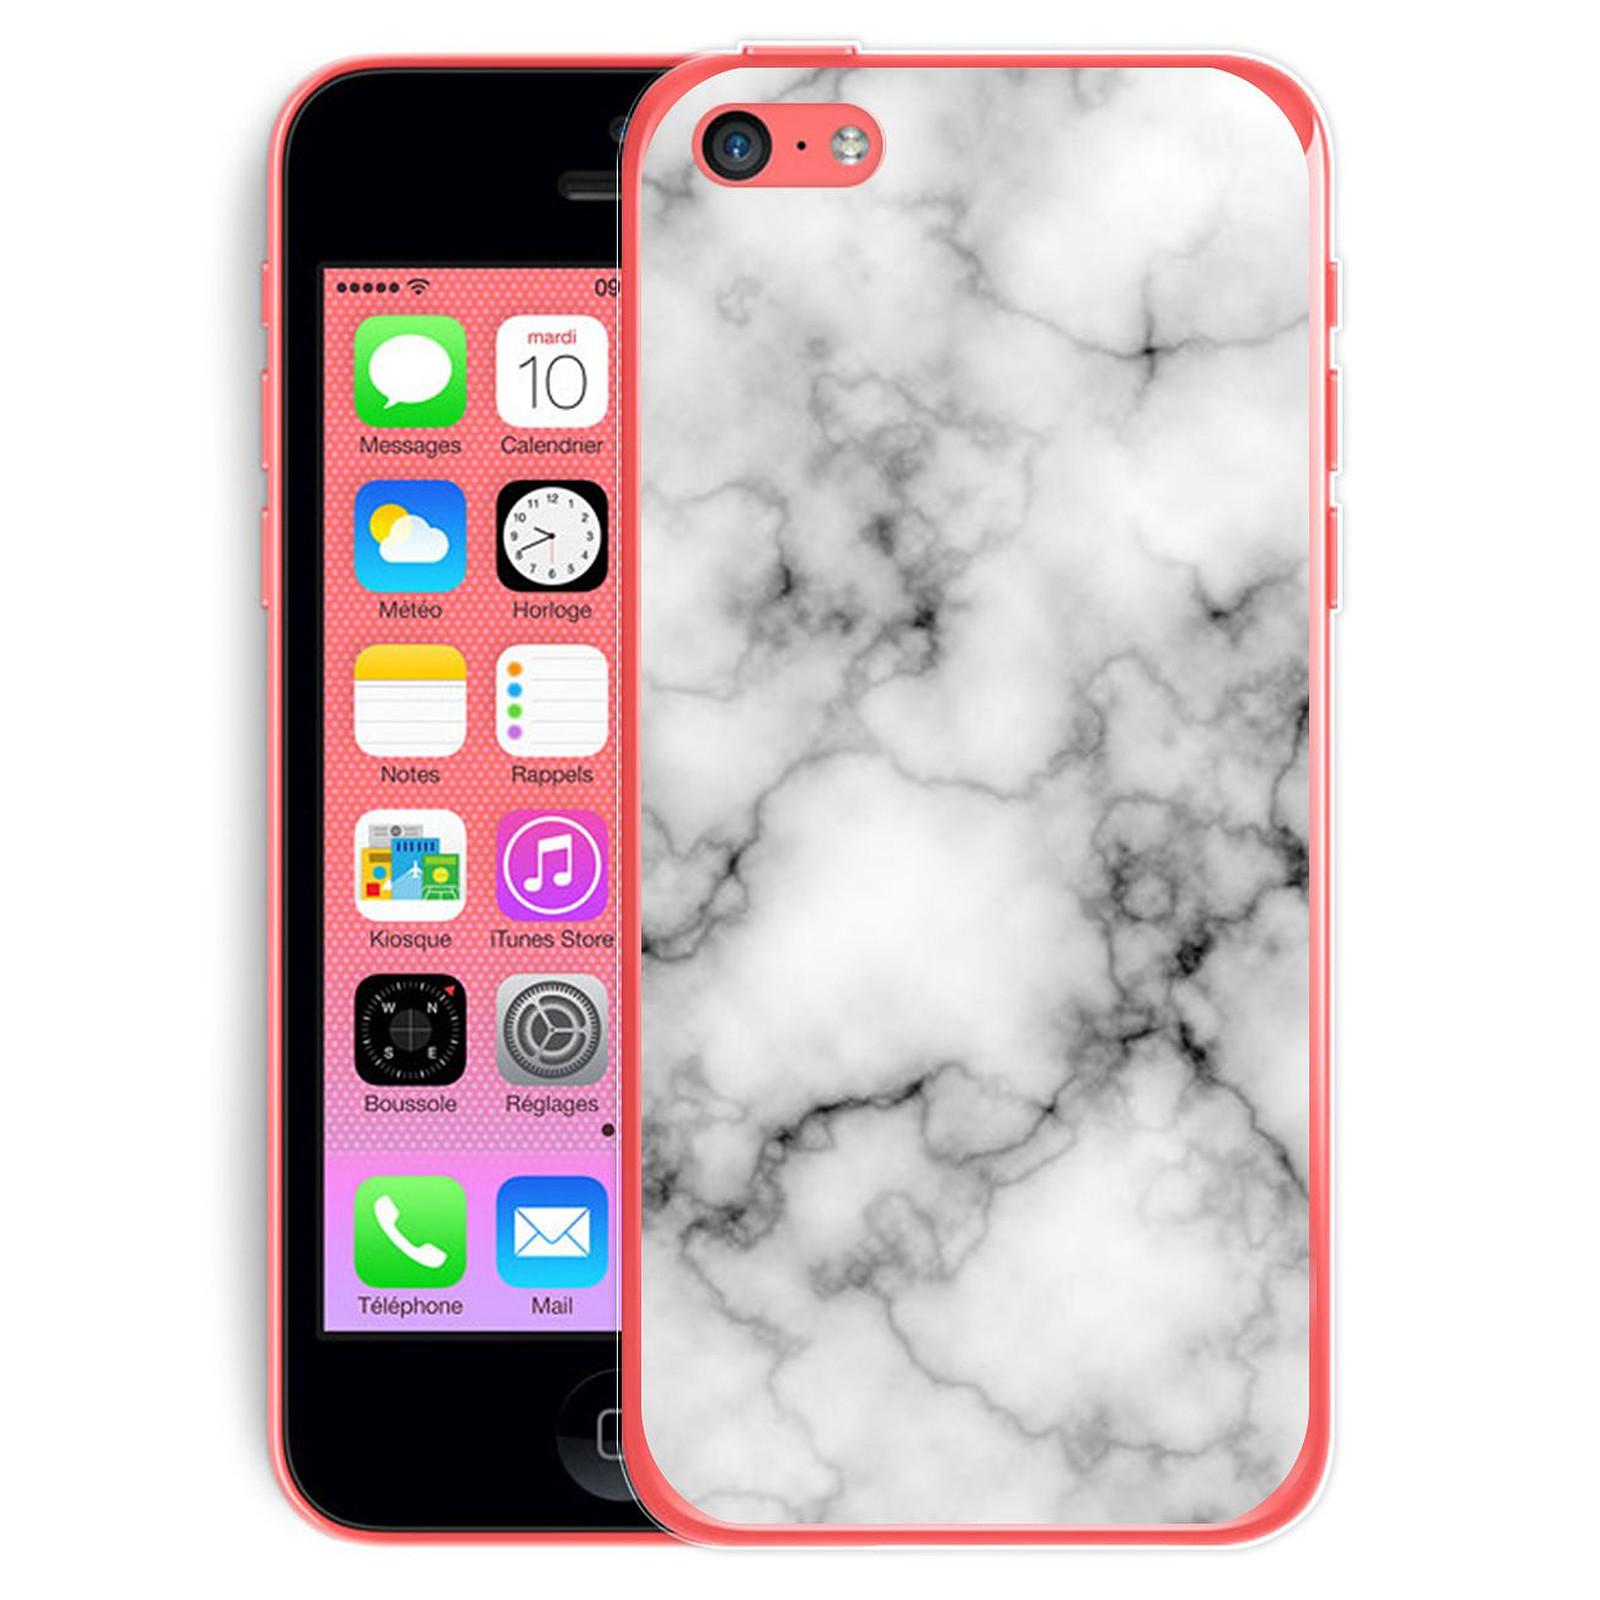 EVETANE Coque iPhone 5C rigide transparente Marbre blanc Dessin